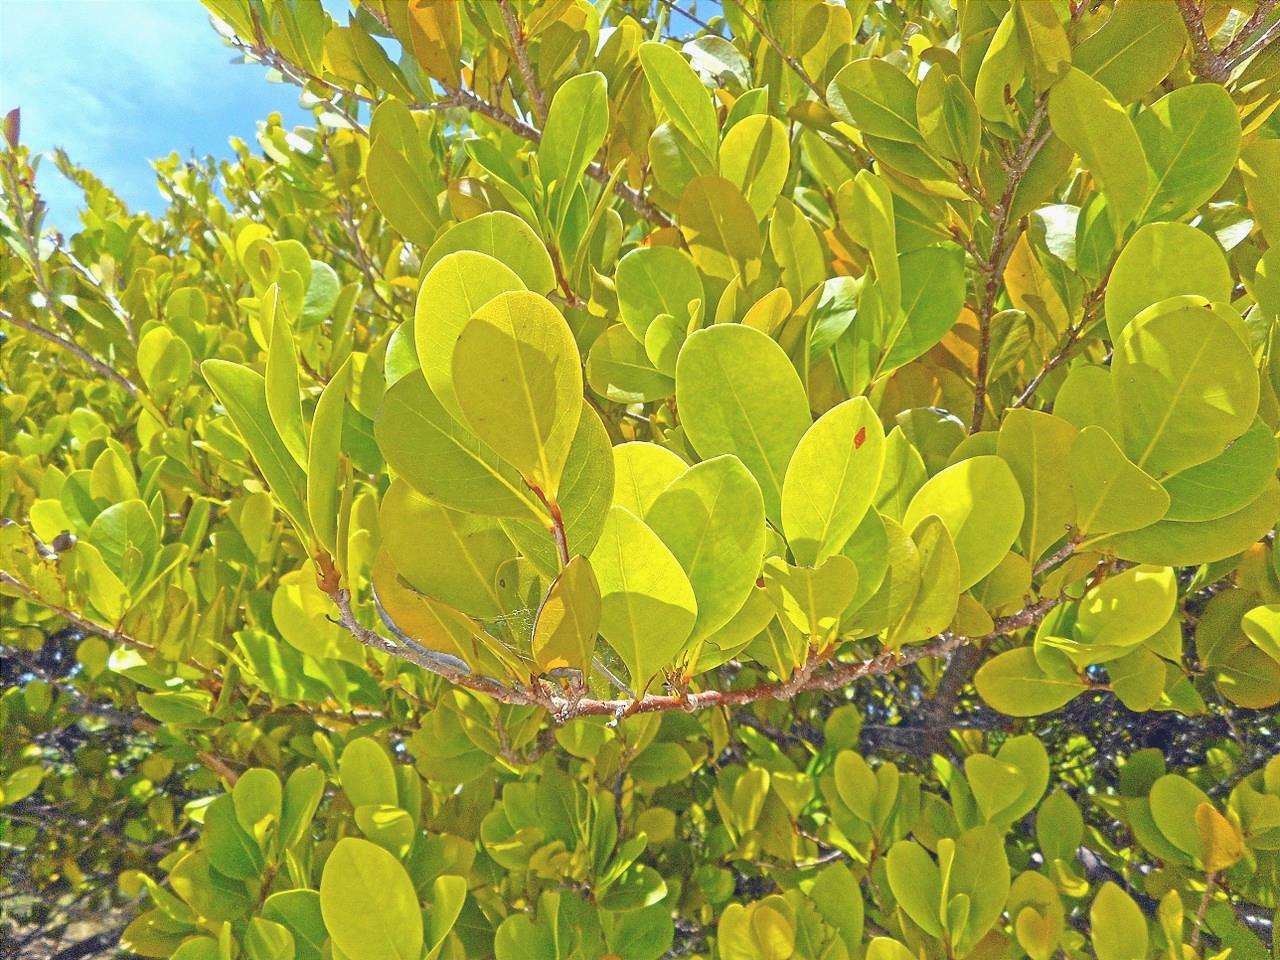 Le foglie di Icaro sono sempreverdi